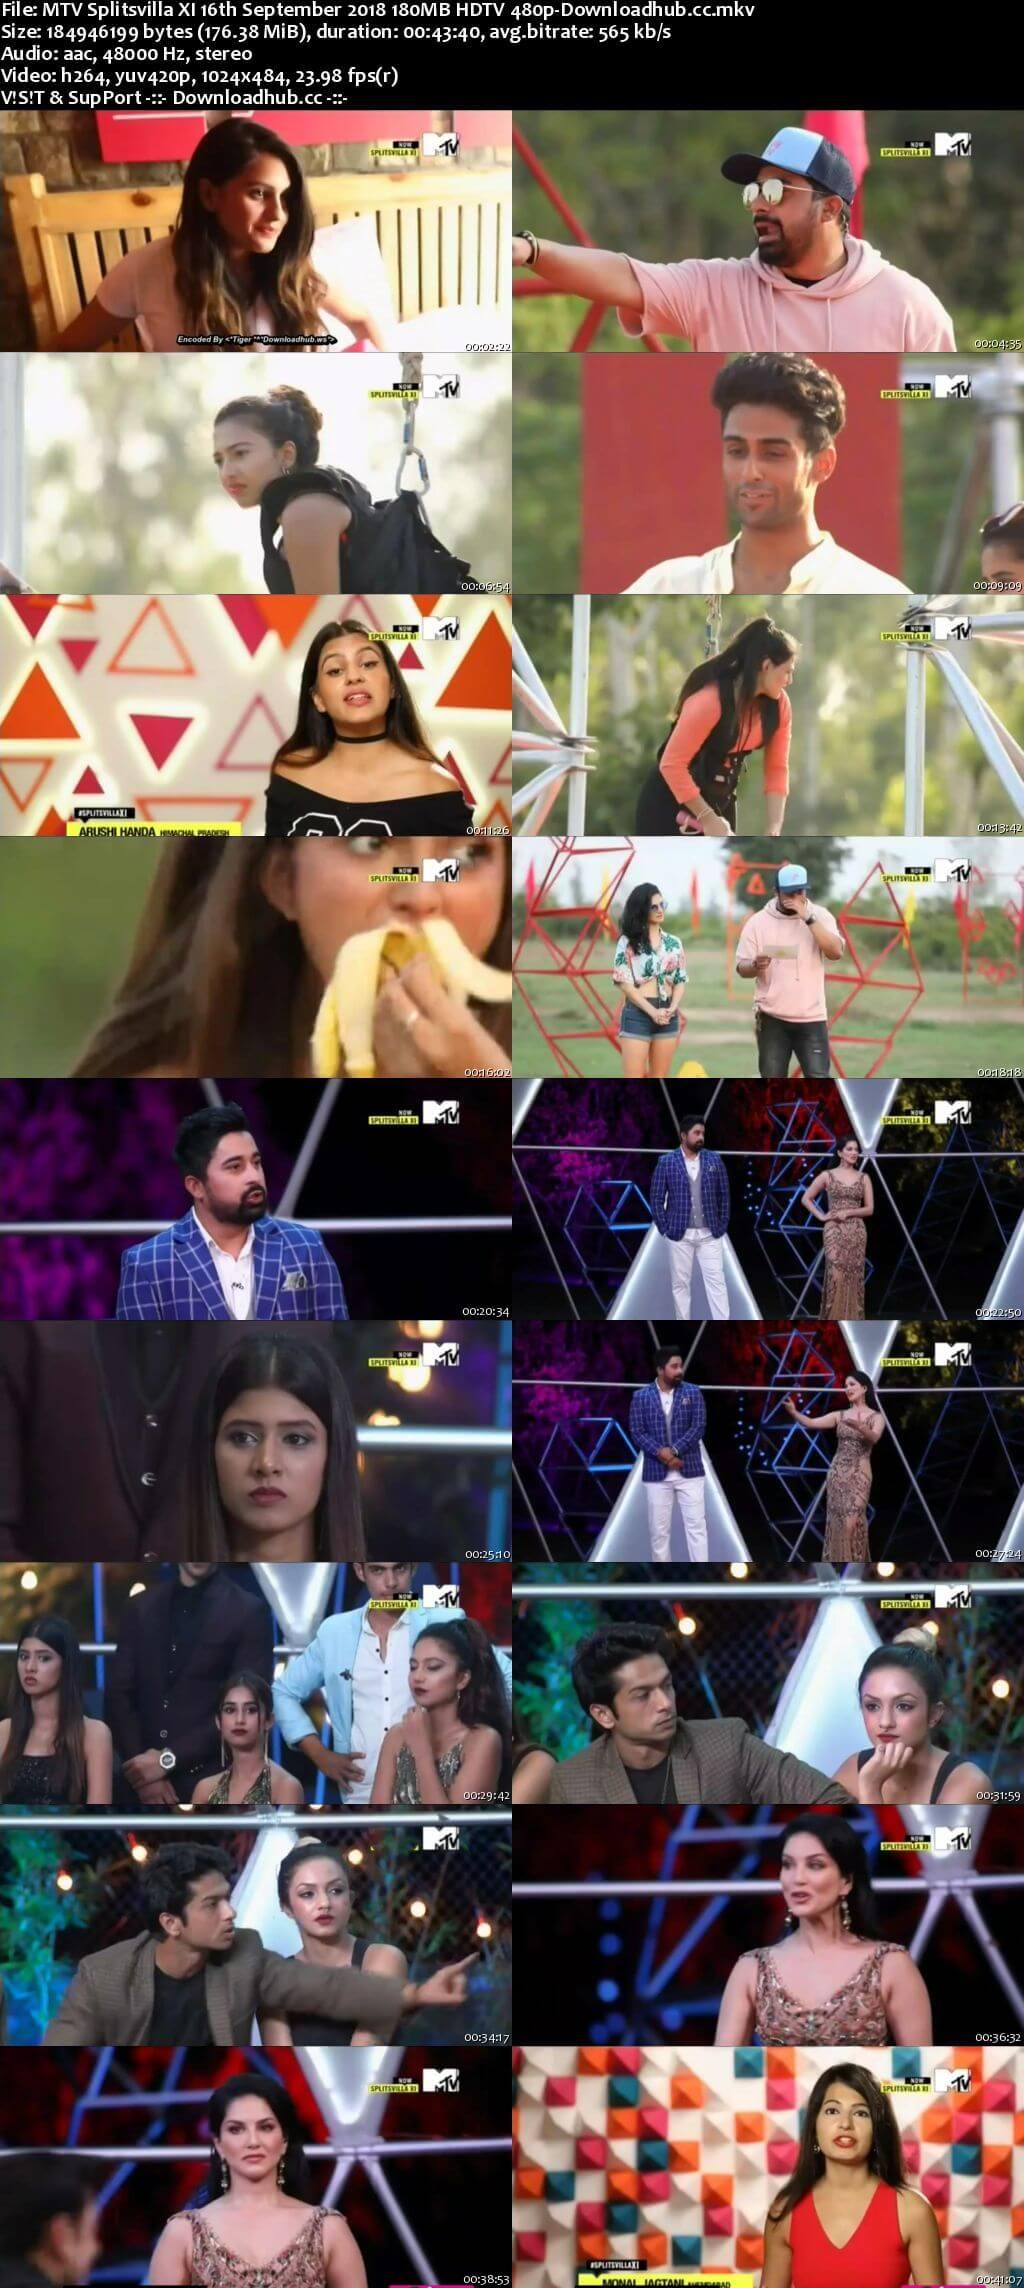 MTV Splitsvilla XI 16th September 2018 180MB HDTV 480p